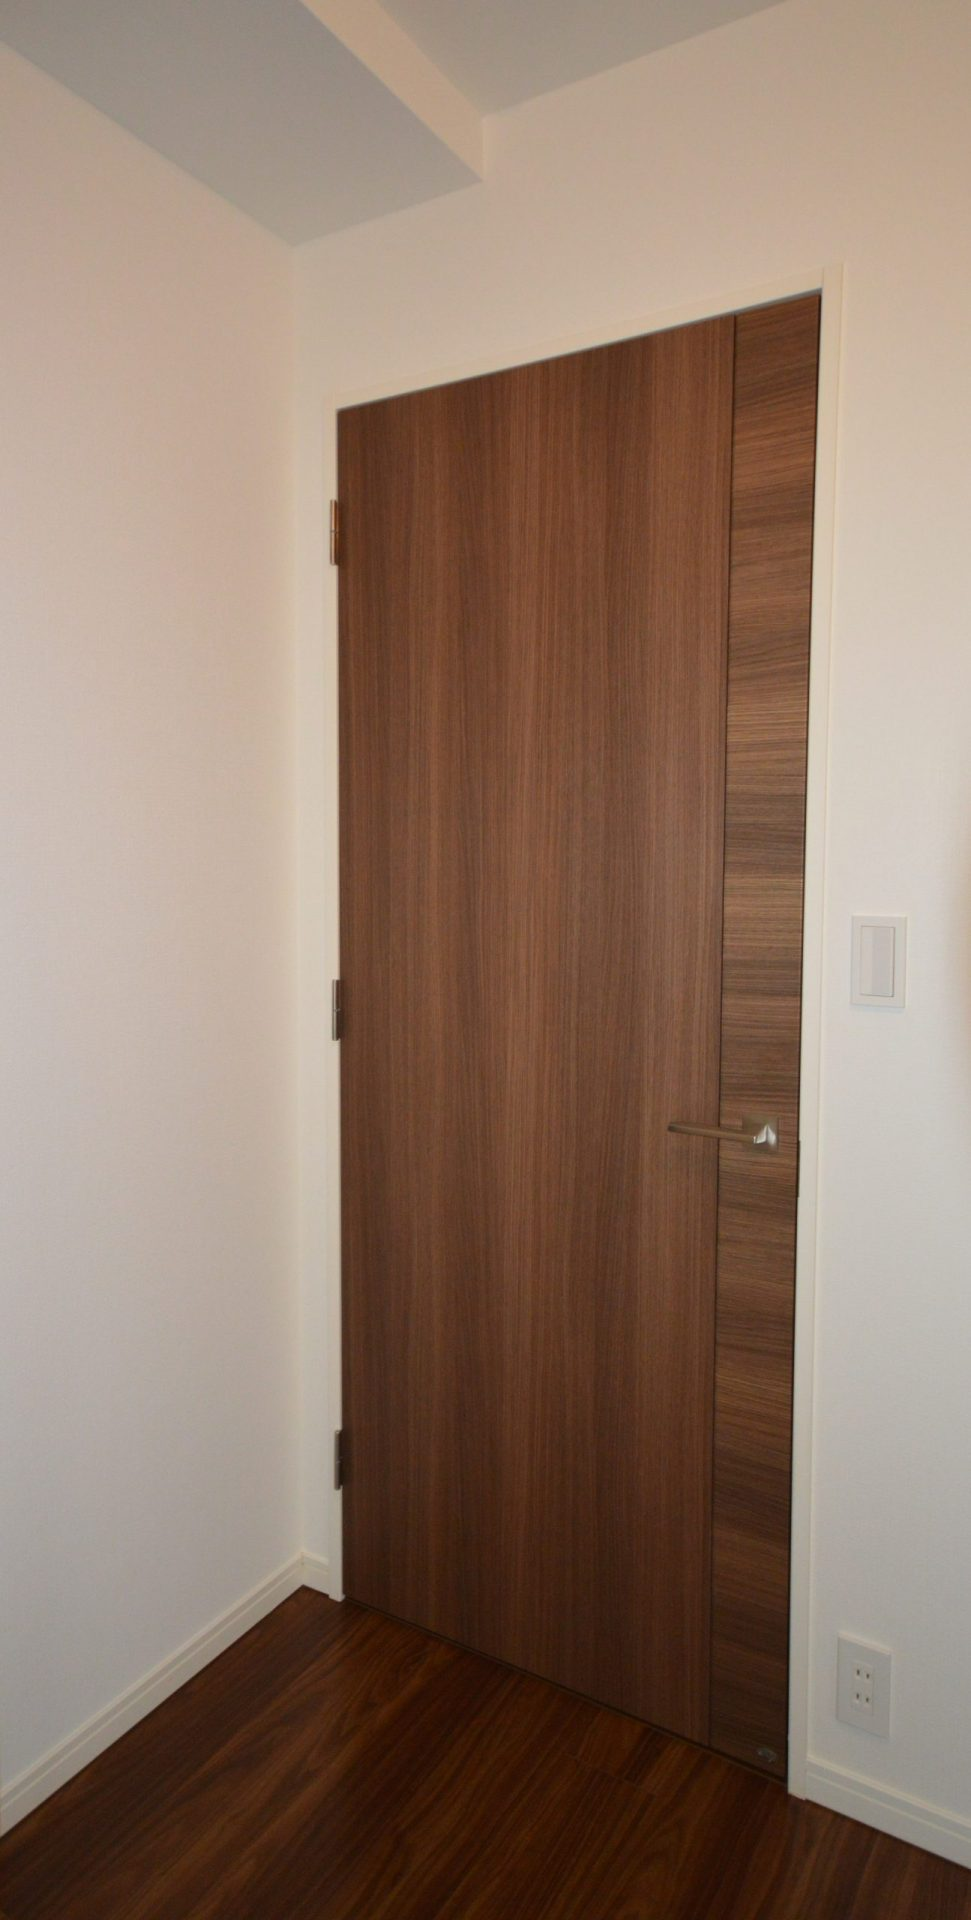 寝室ドア・開き戸 Before